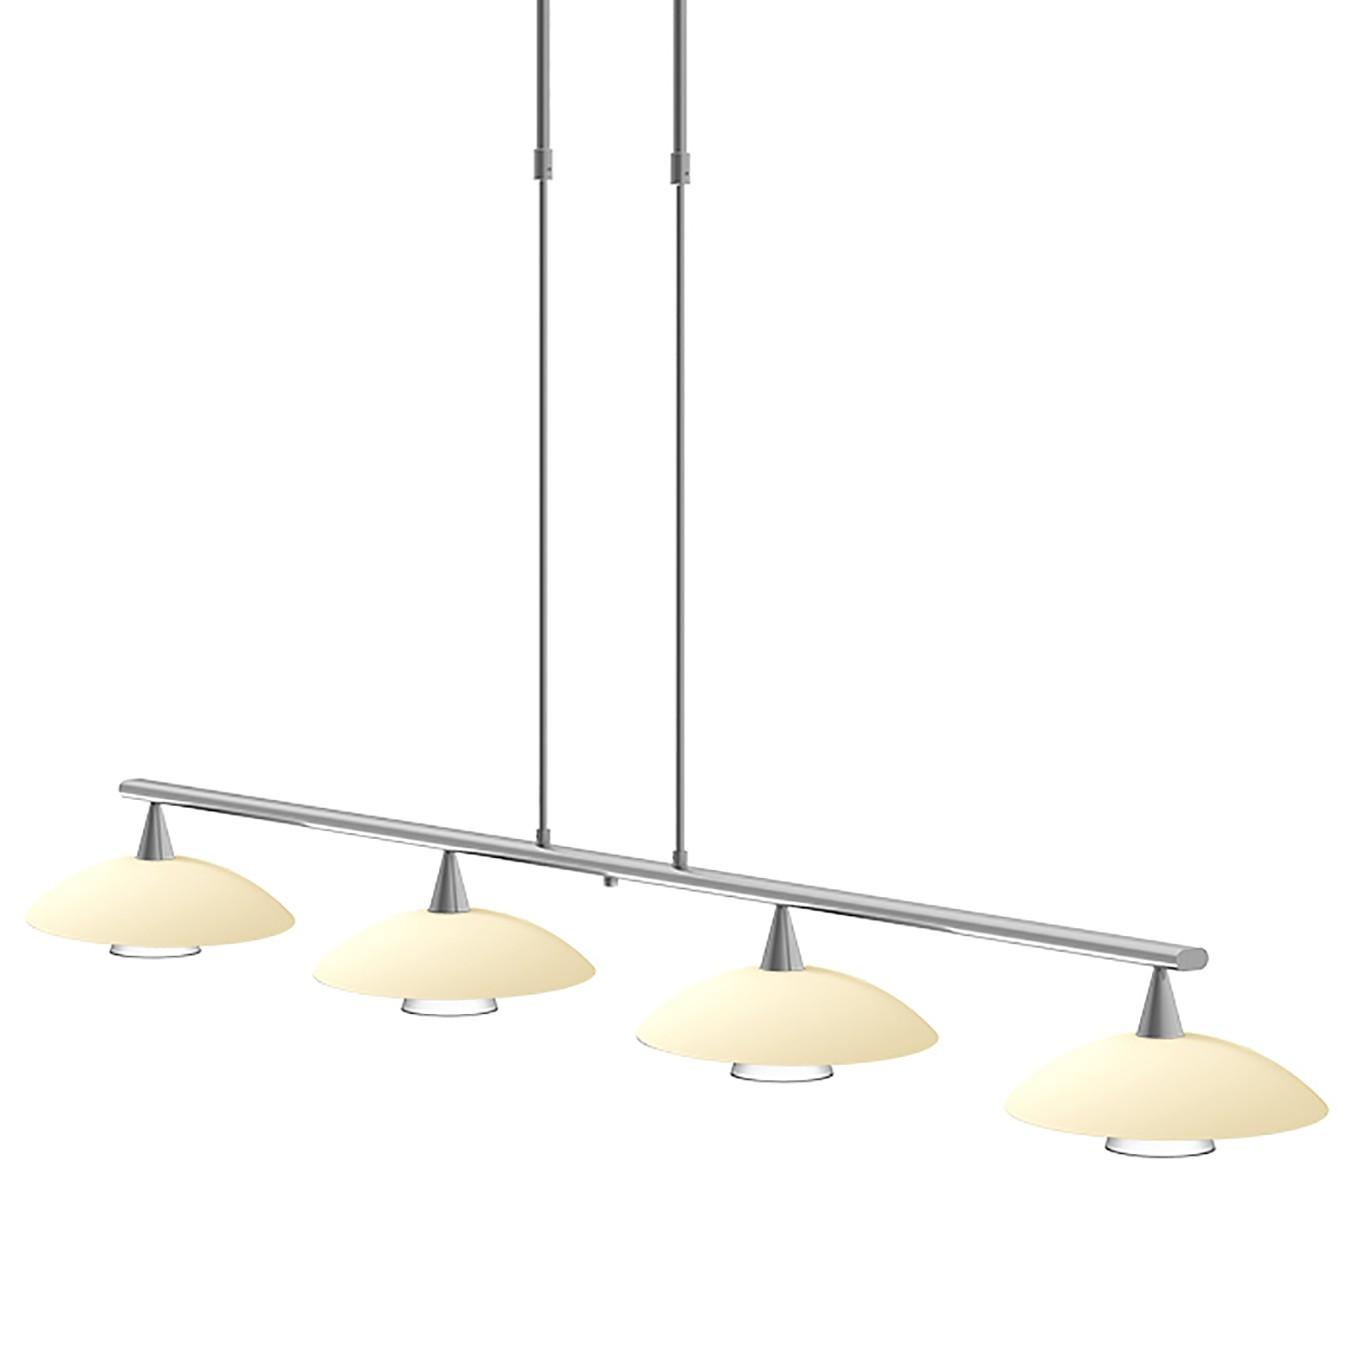 home24 LED-Pendelleuchte Tallerken V